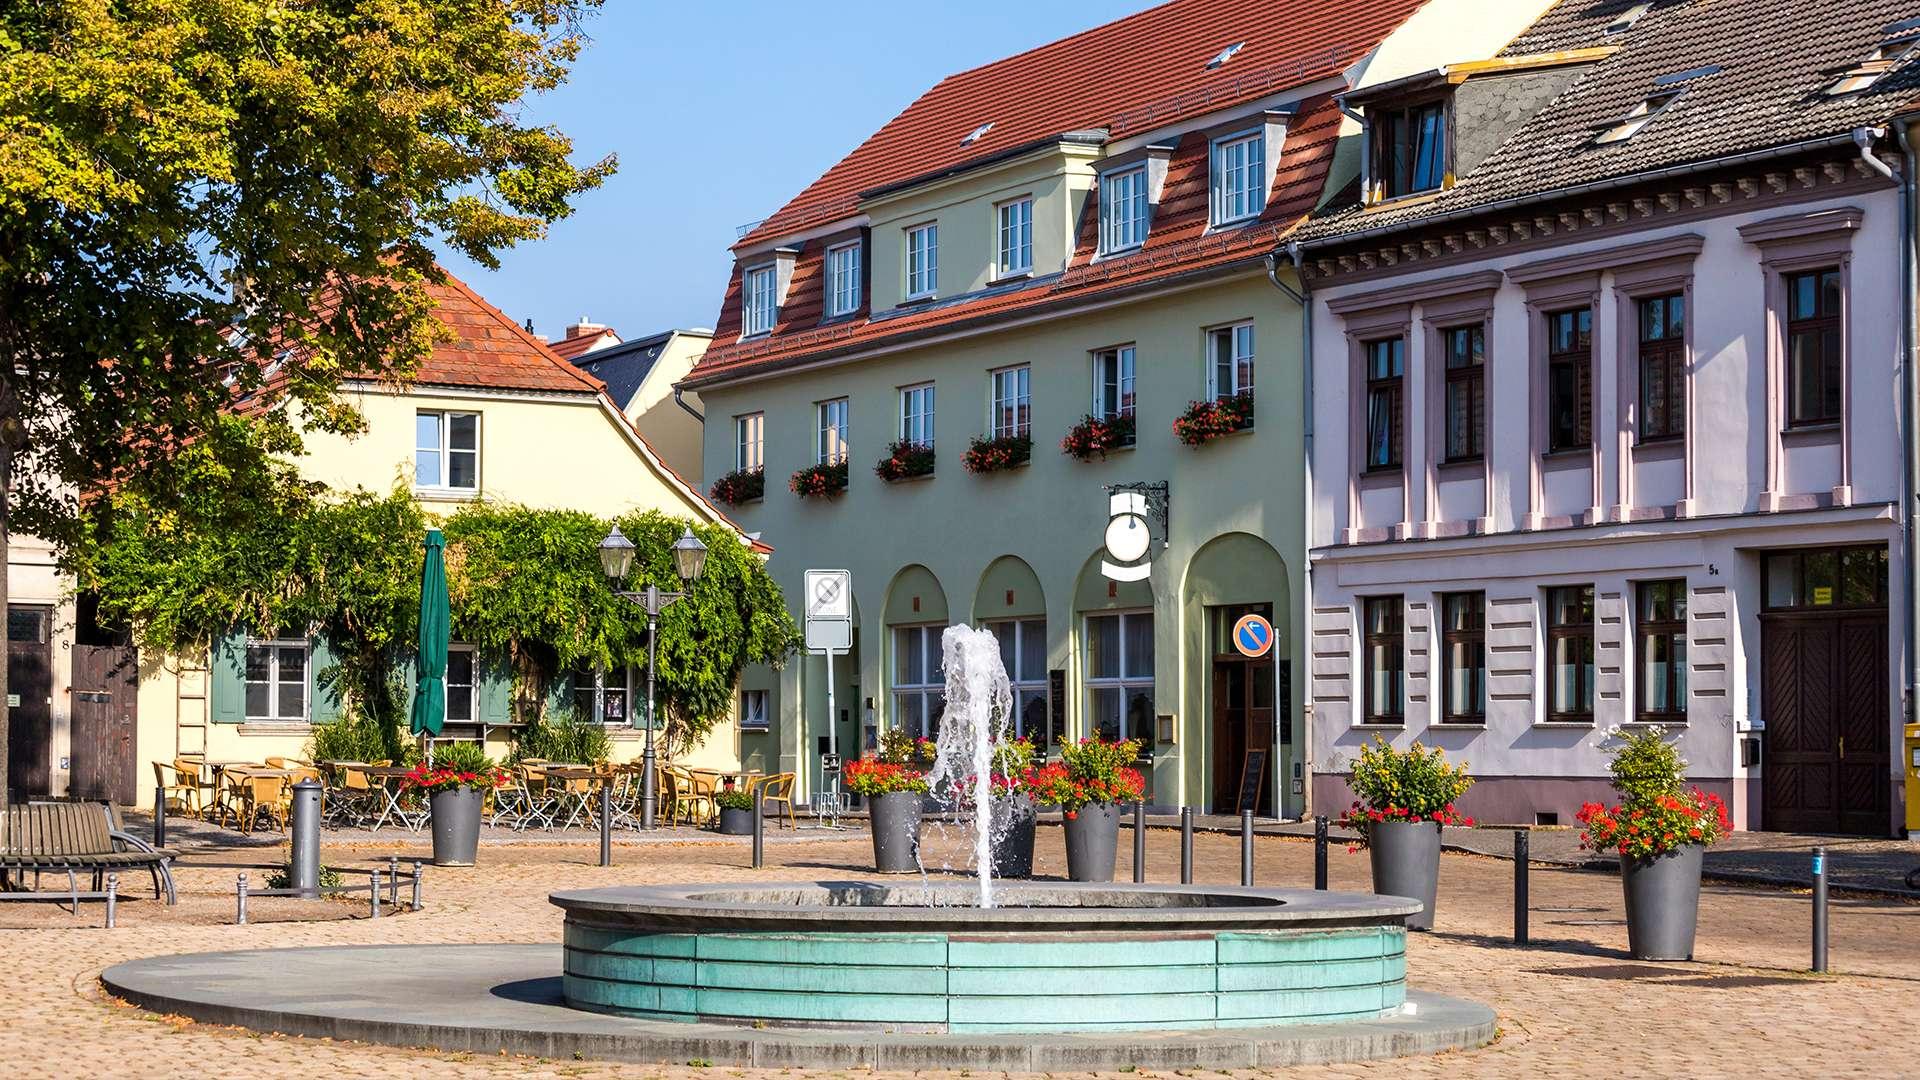 Brunnen in der Innenstadt von Brandenburg an der Havel